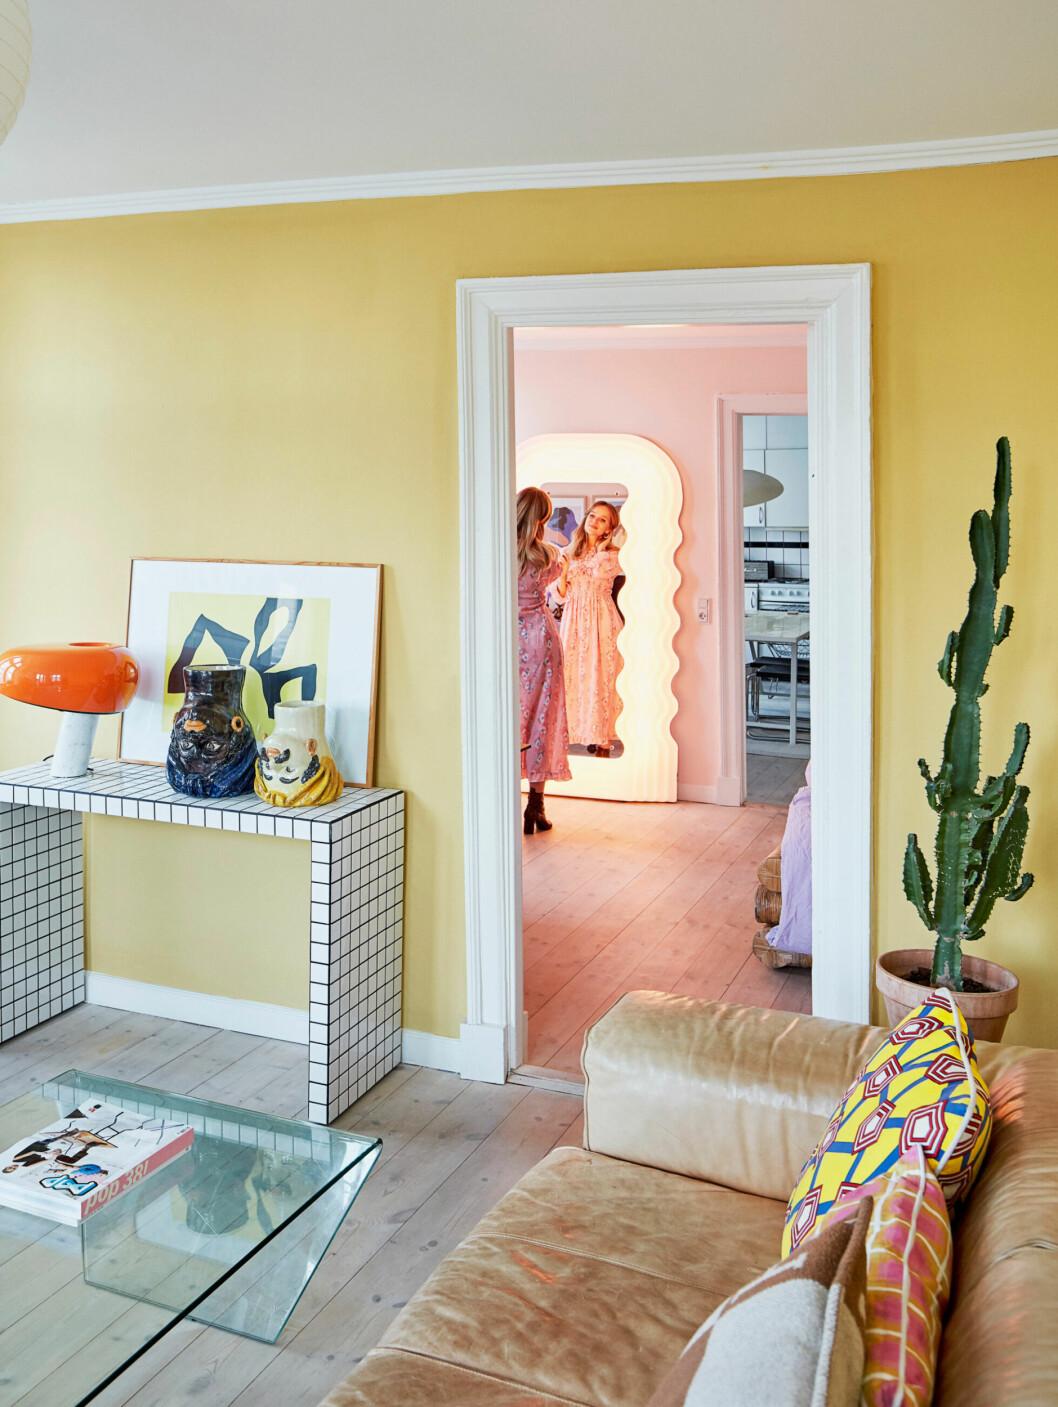 Vågformad spegel från Ettore Sottsass bland hemmets färgglada möbler